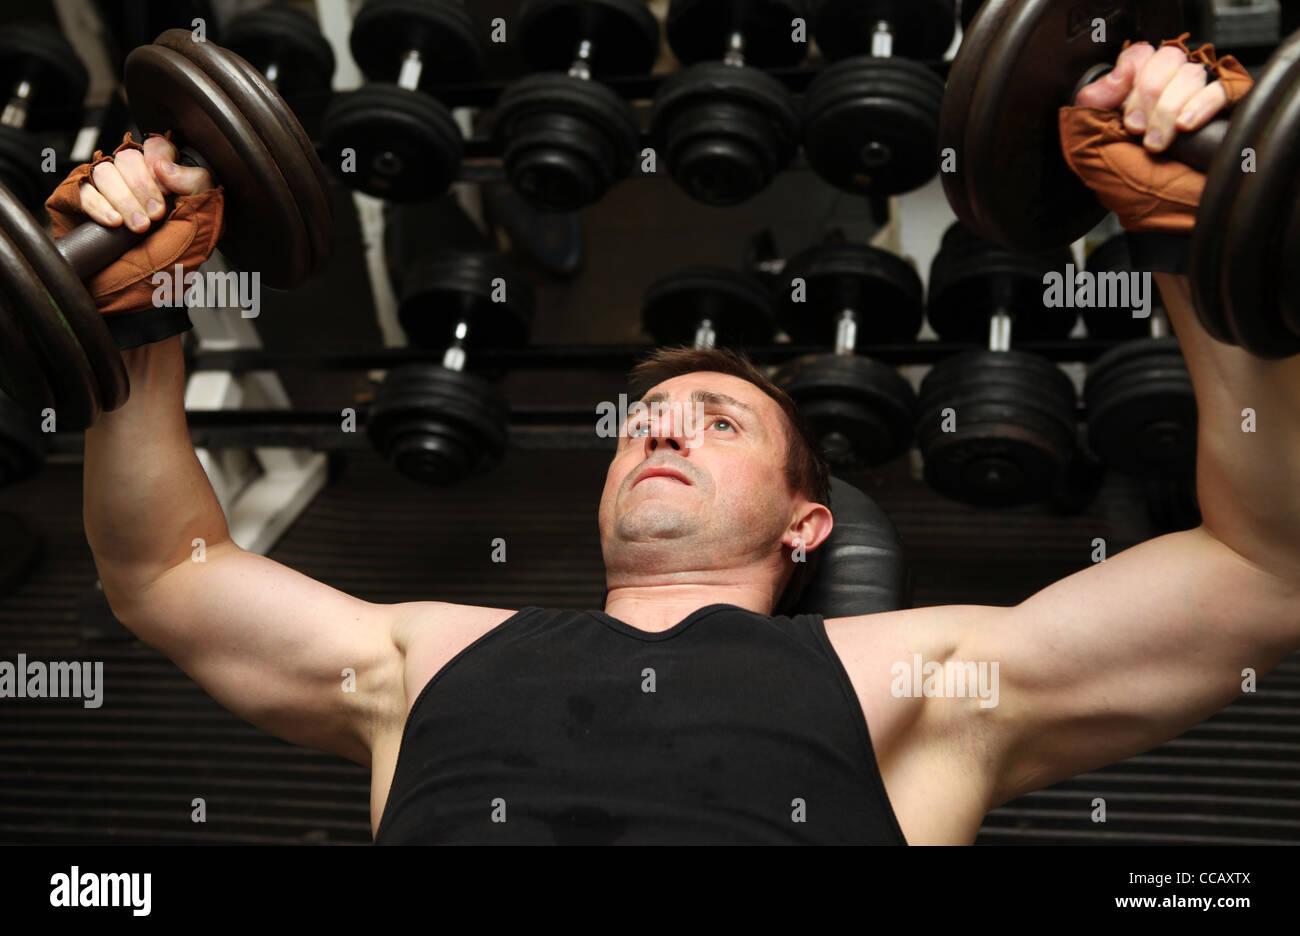 Formación las pesas en el gimnasio. Levantamiento de pesas masculino de fuerza en la parte superior del cuerpo Imagen De Stock